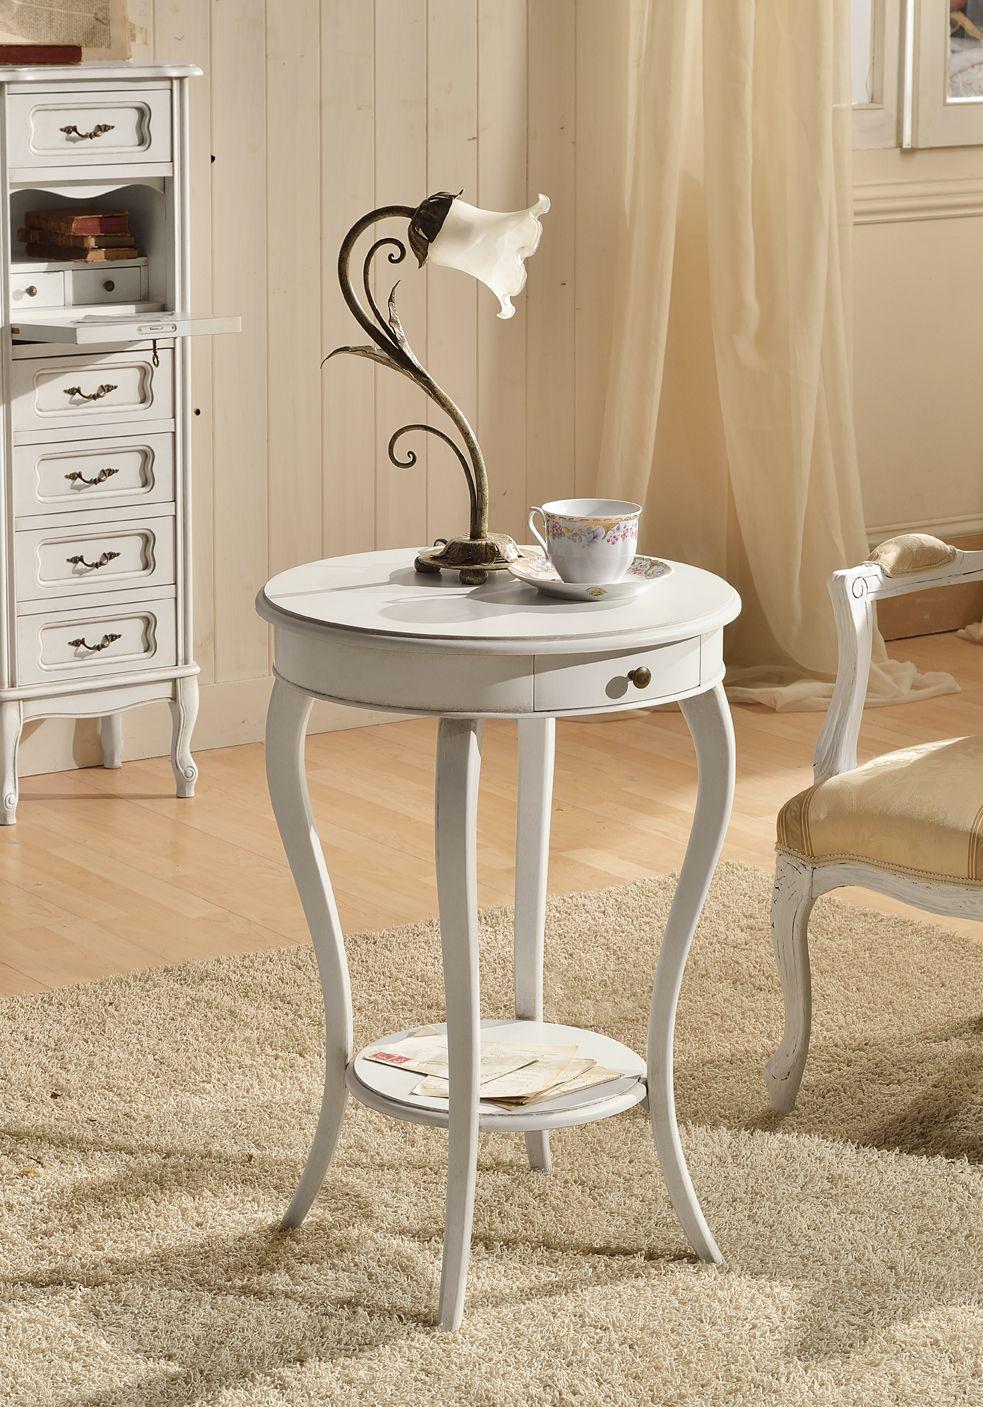 tavolino shabby con maniglia in metallo, color bianco antico | B&b ...